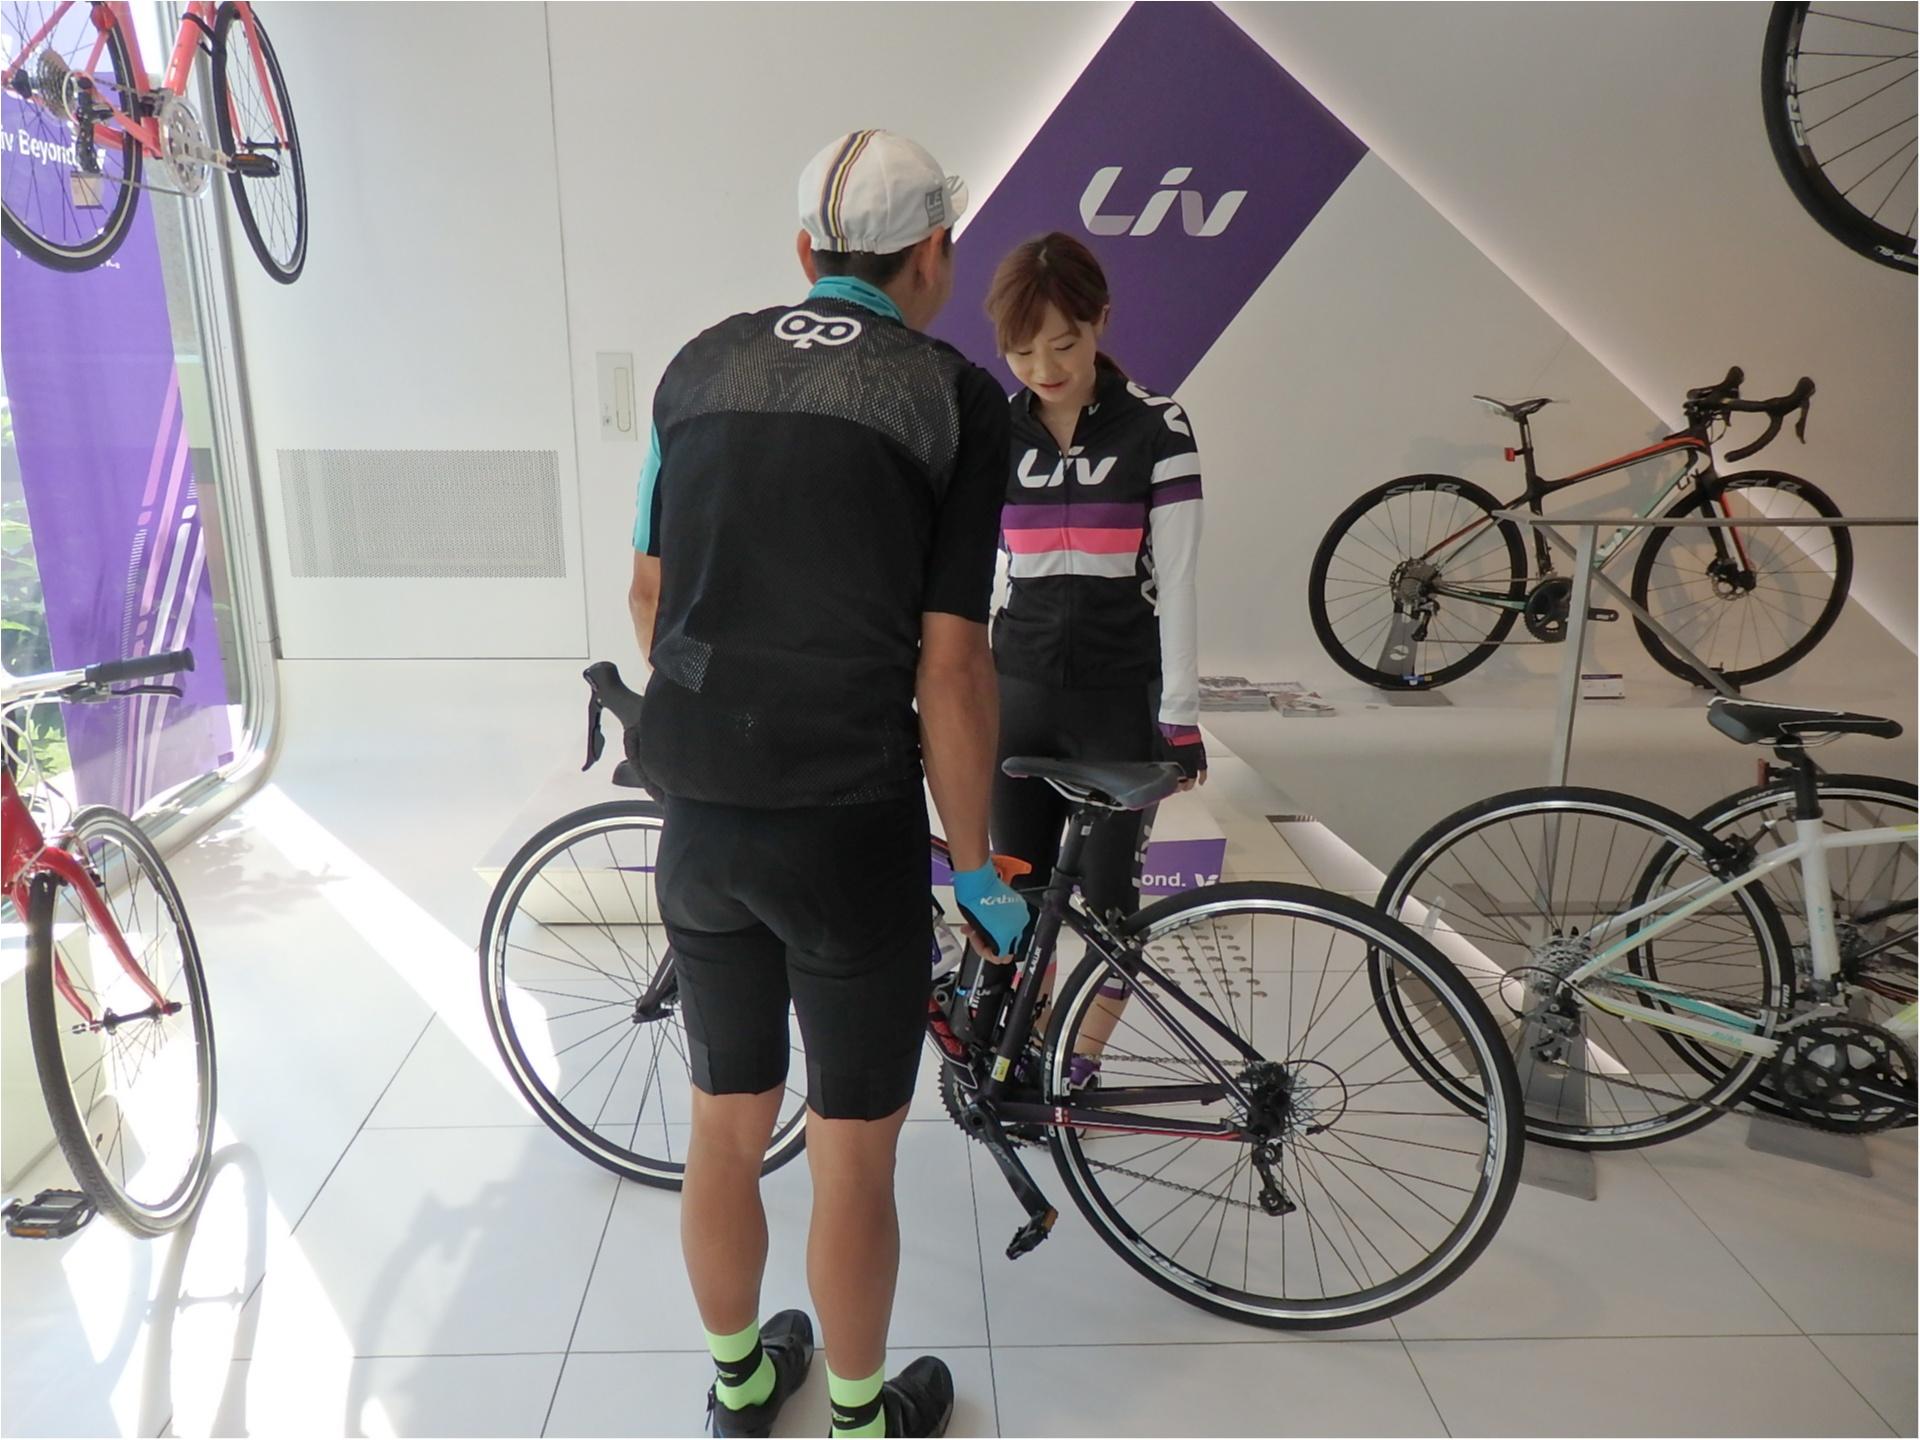 ロードバイク初体験!元オリンピック選手からしっかり教わります!#ツール・ド・東北【#モアチャレ あかね】_6